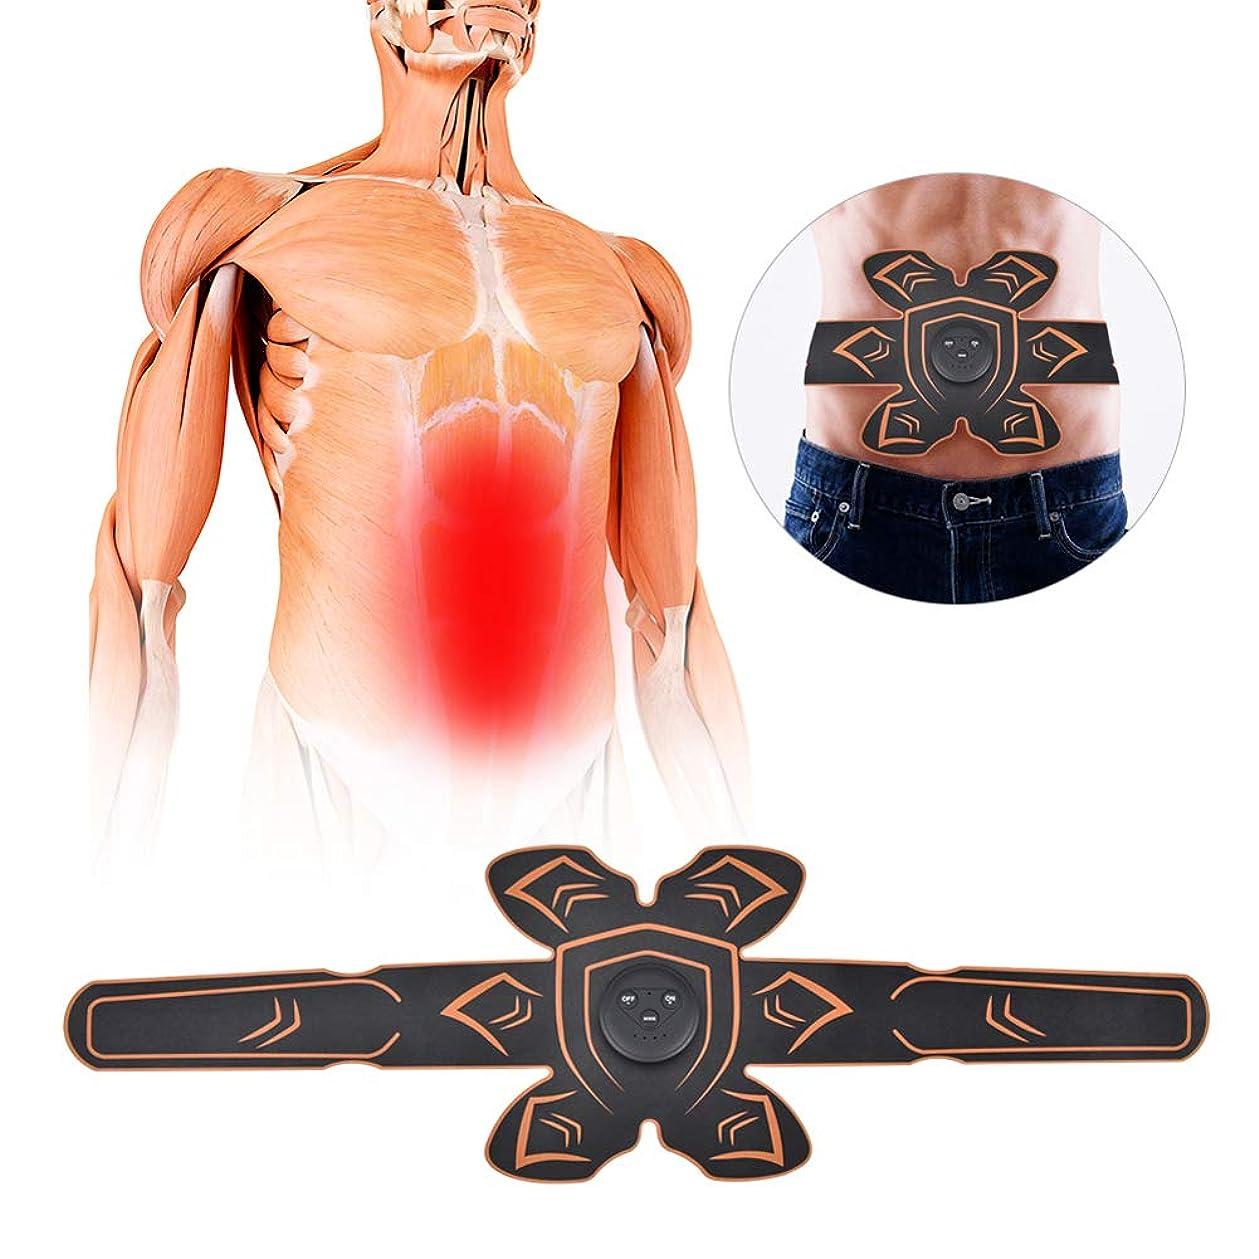 些細な仮定社会主義腹部刺激装置、EMS男性および女性の腹部調整ストラップ、腕と脚のトレーナー、オフィス、ホームジムのフィットネス機器